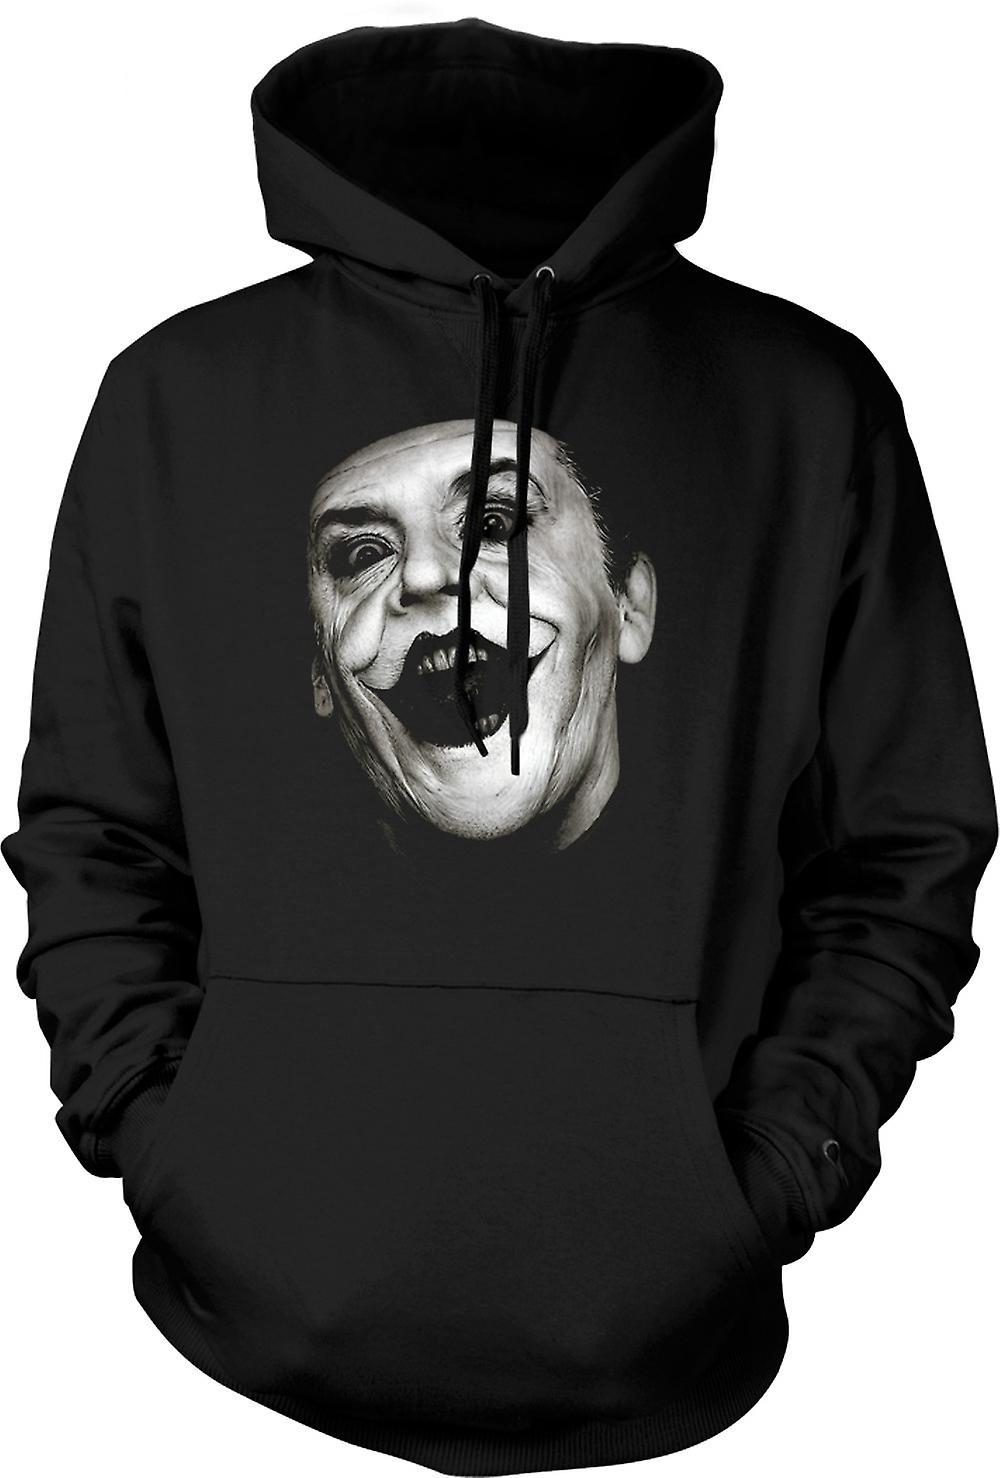 Mens Hoodie - Batman - Jack Nicholson